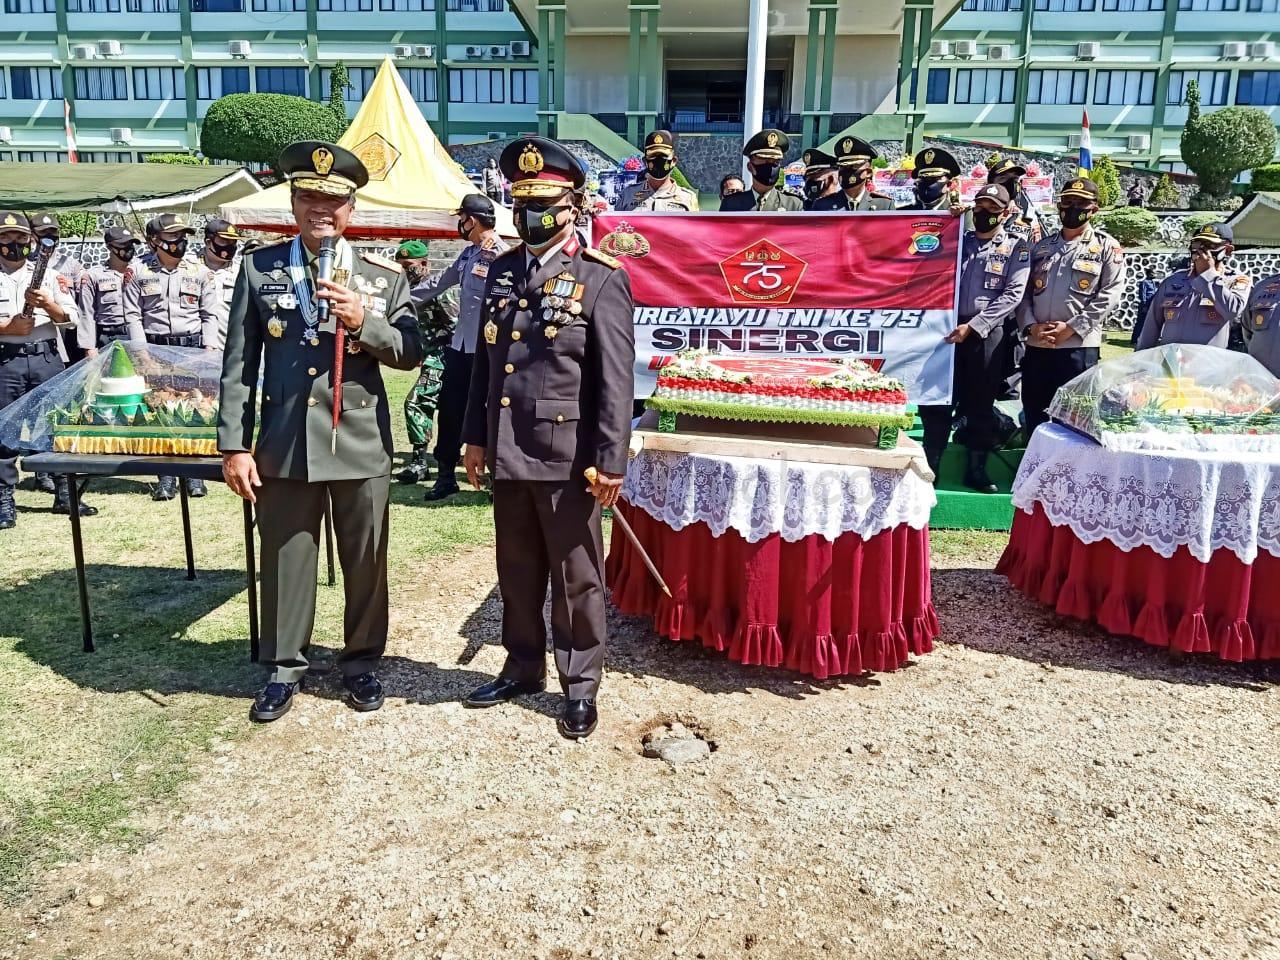 Kapolda Papua Barat: Polri Dan TNI Tak Bisa Dipisahkan 2 IMG 20201005 WA0044